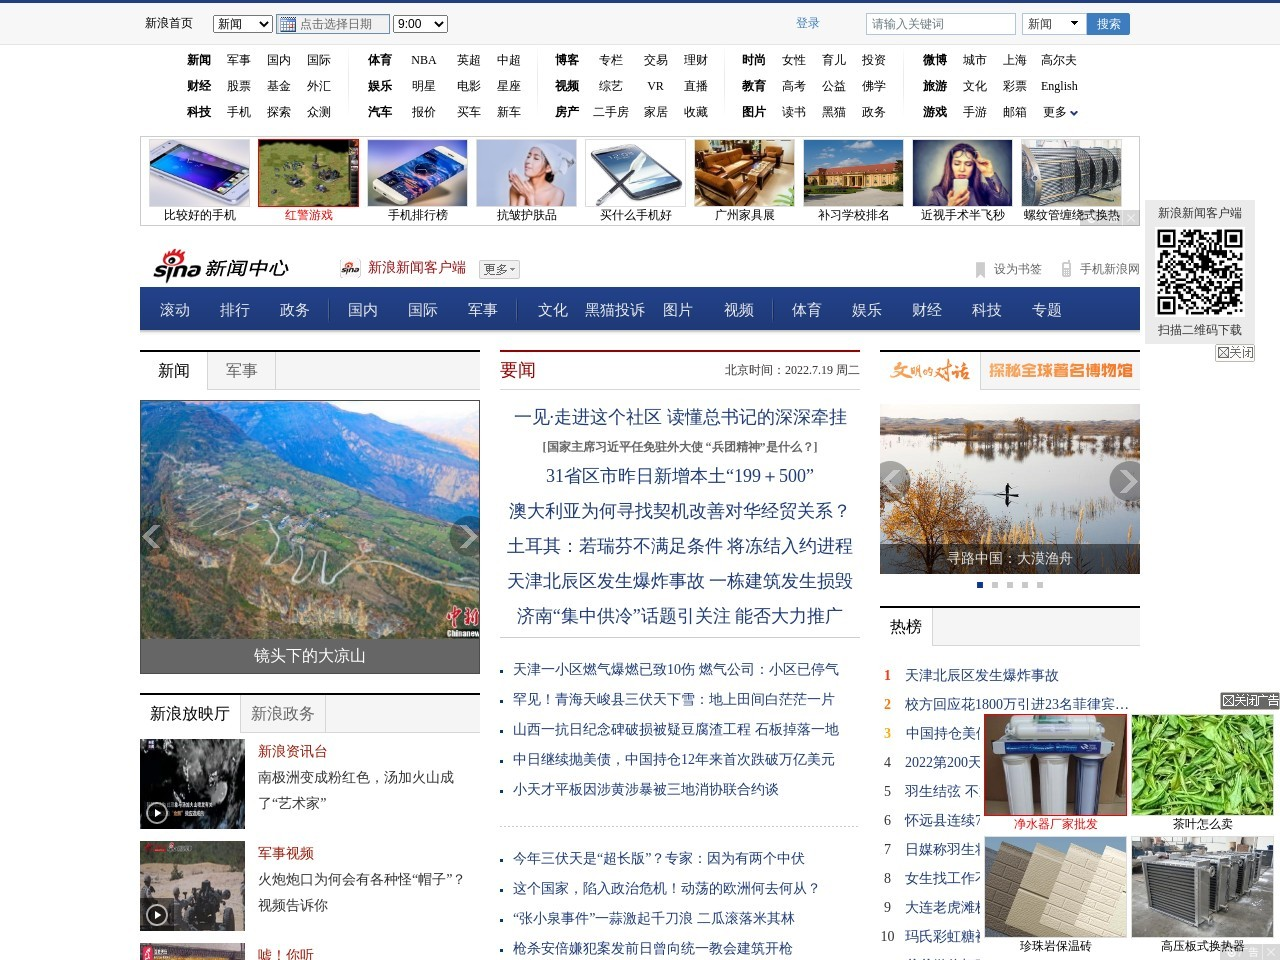 天舟二号发射成功!有个最重要指标世界第一|空间站|中国空间站_新浪新闻